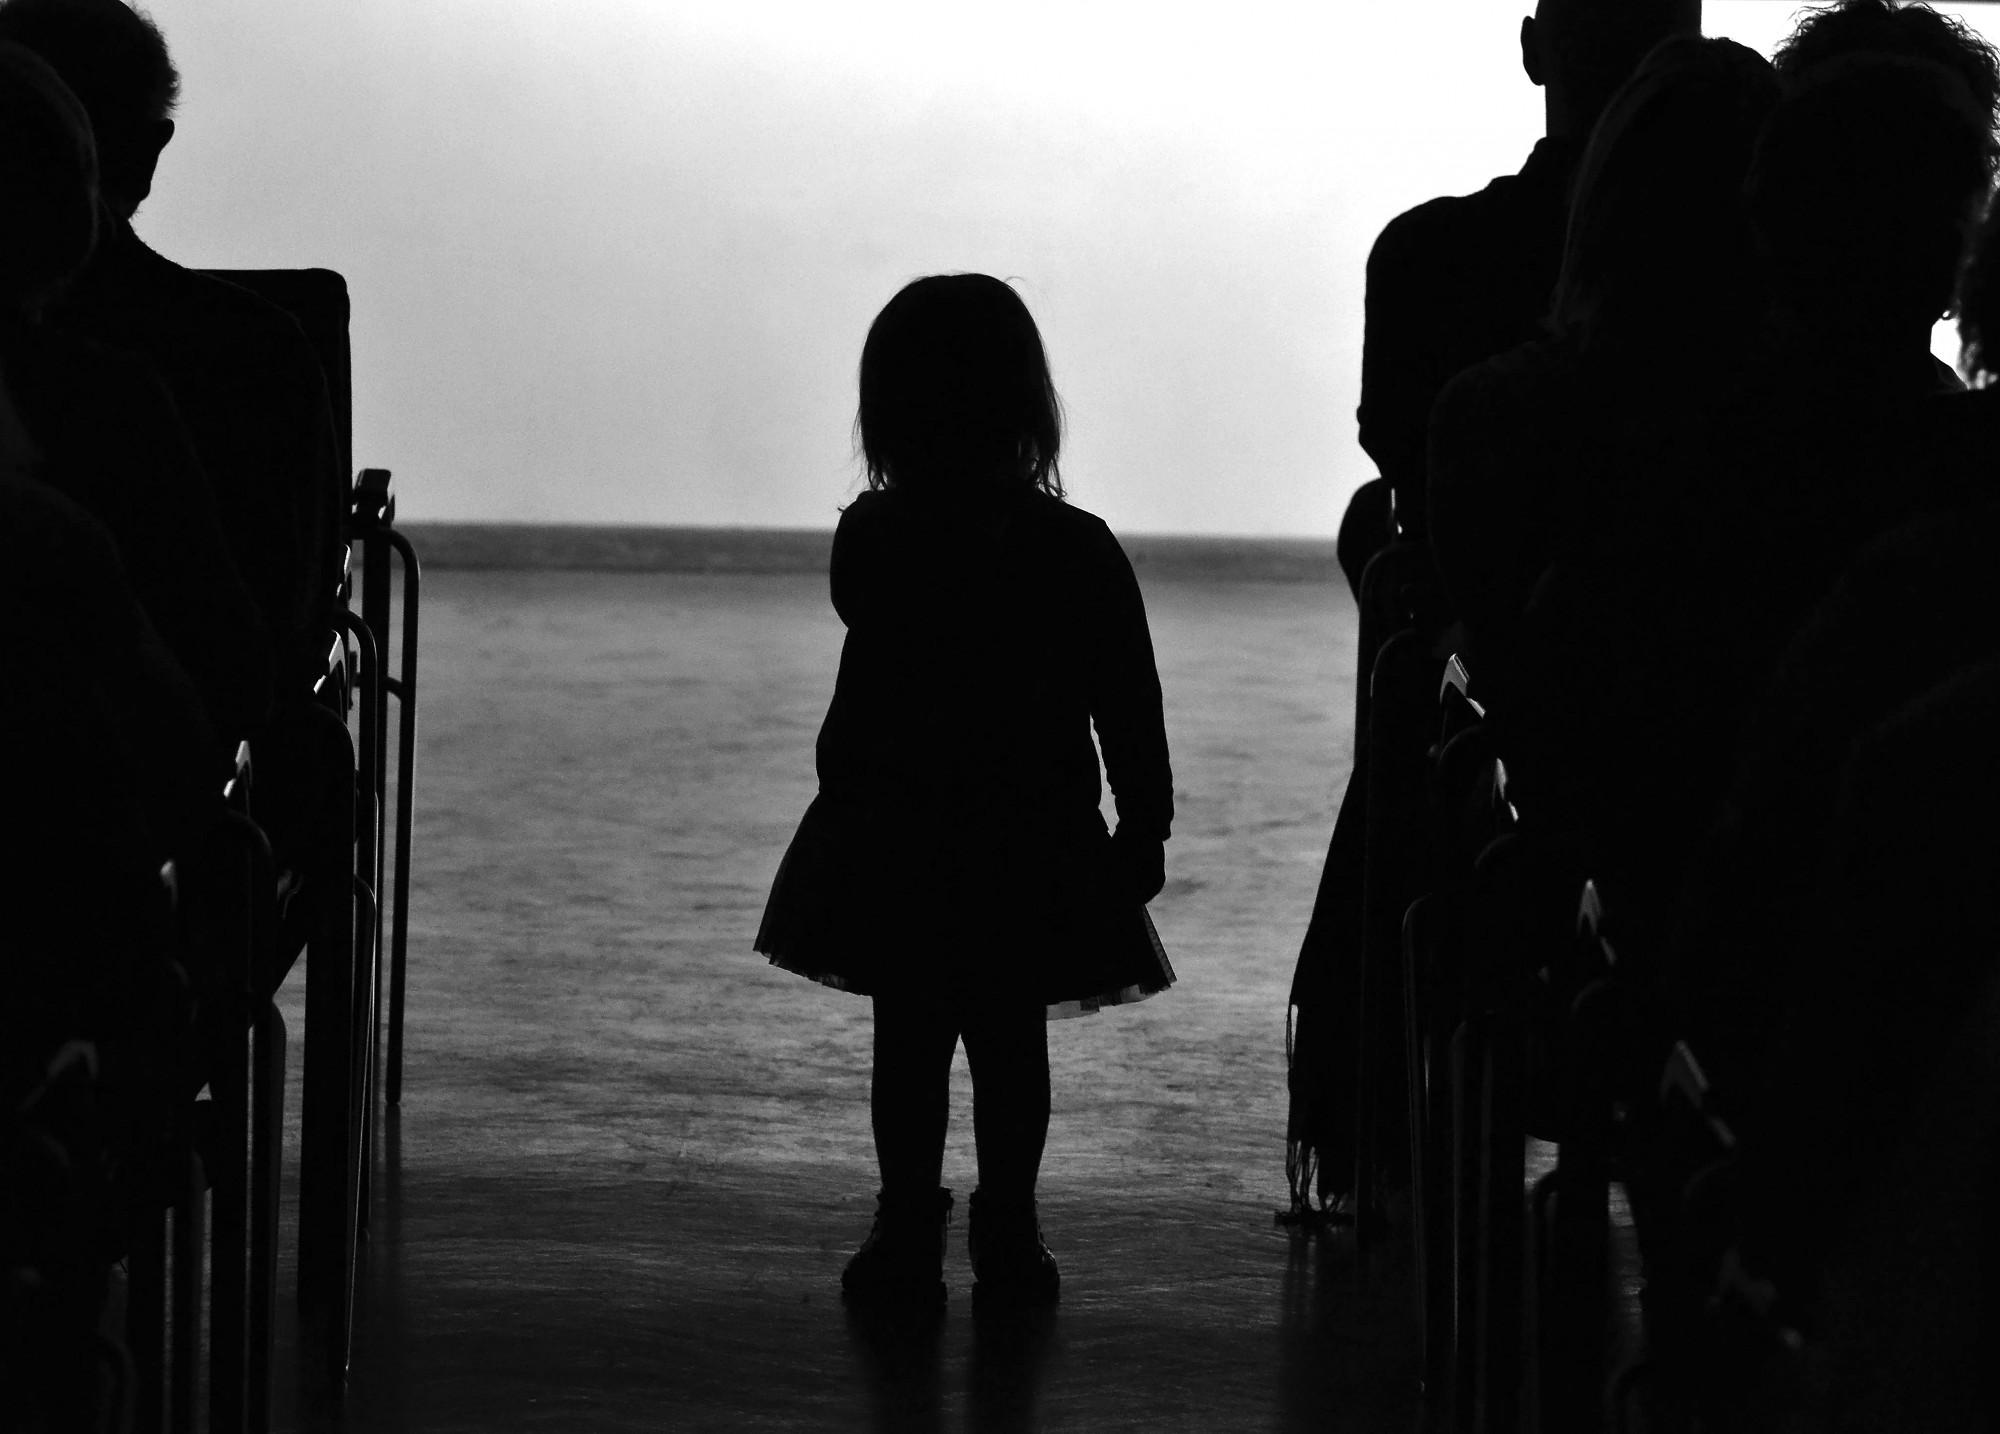 Par novārtā pamestiem bērniem ziņo reti